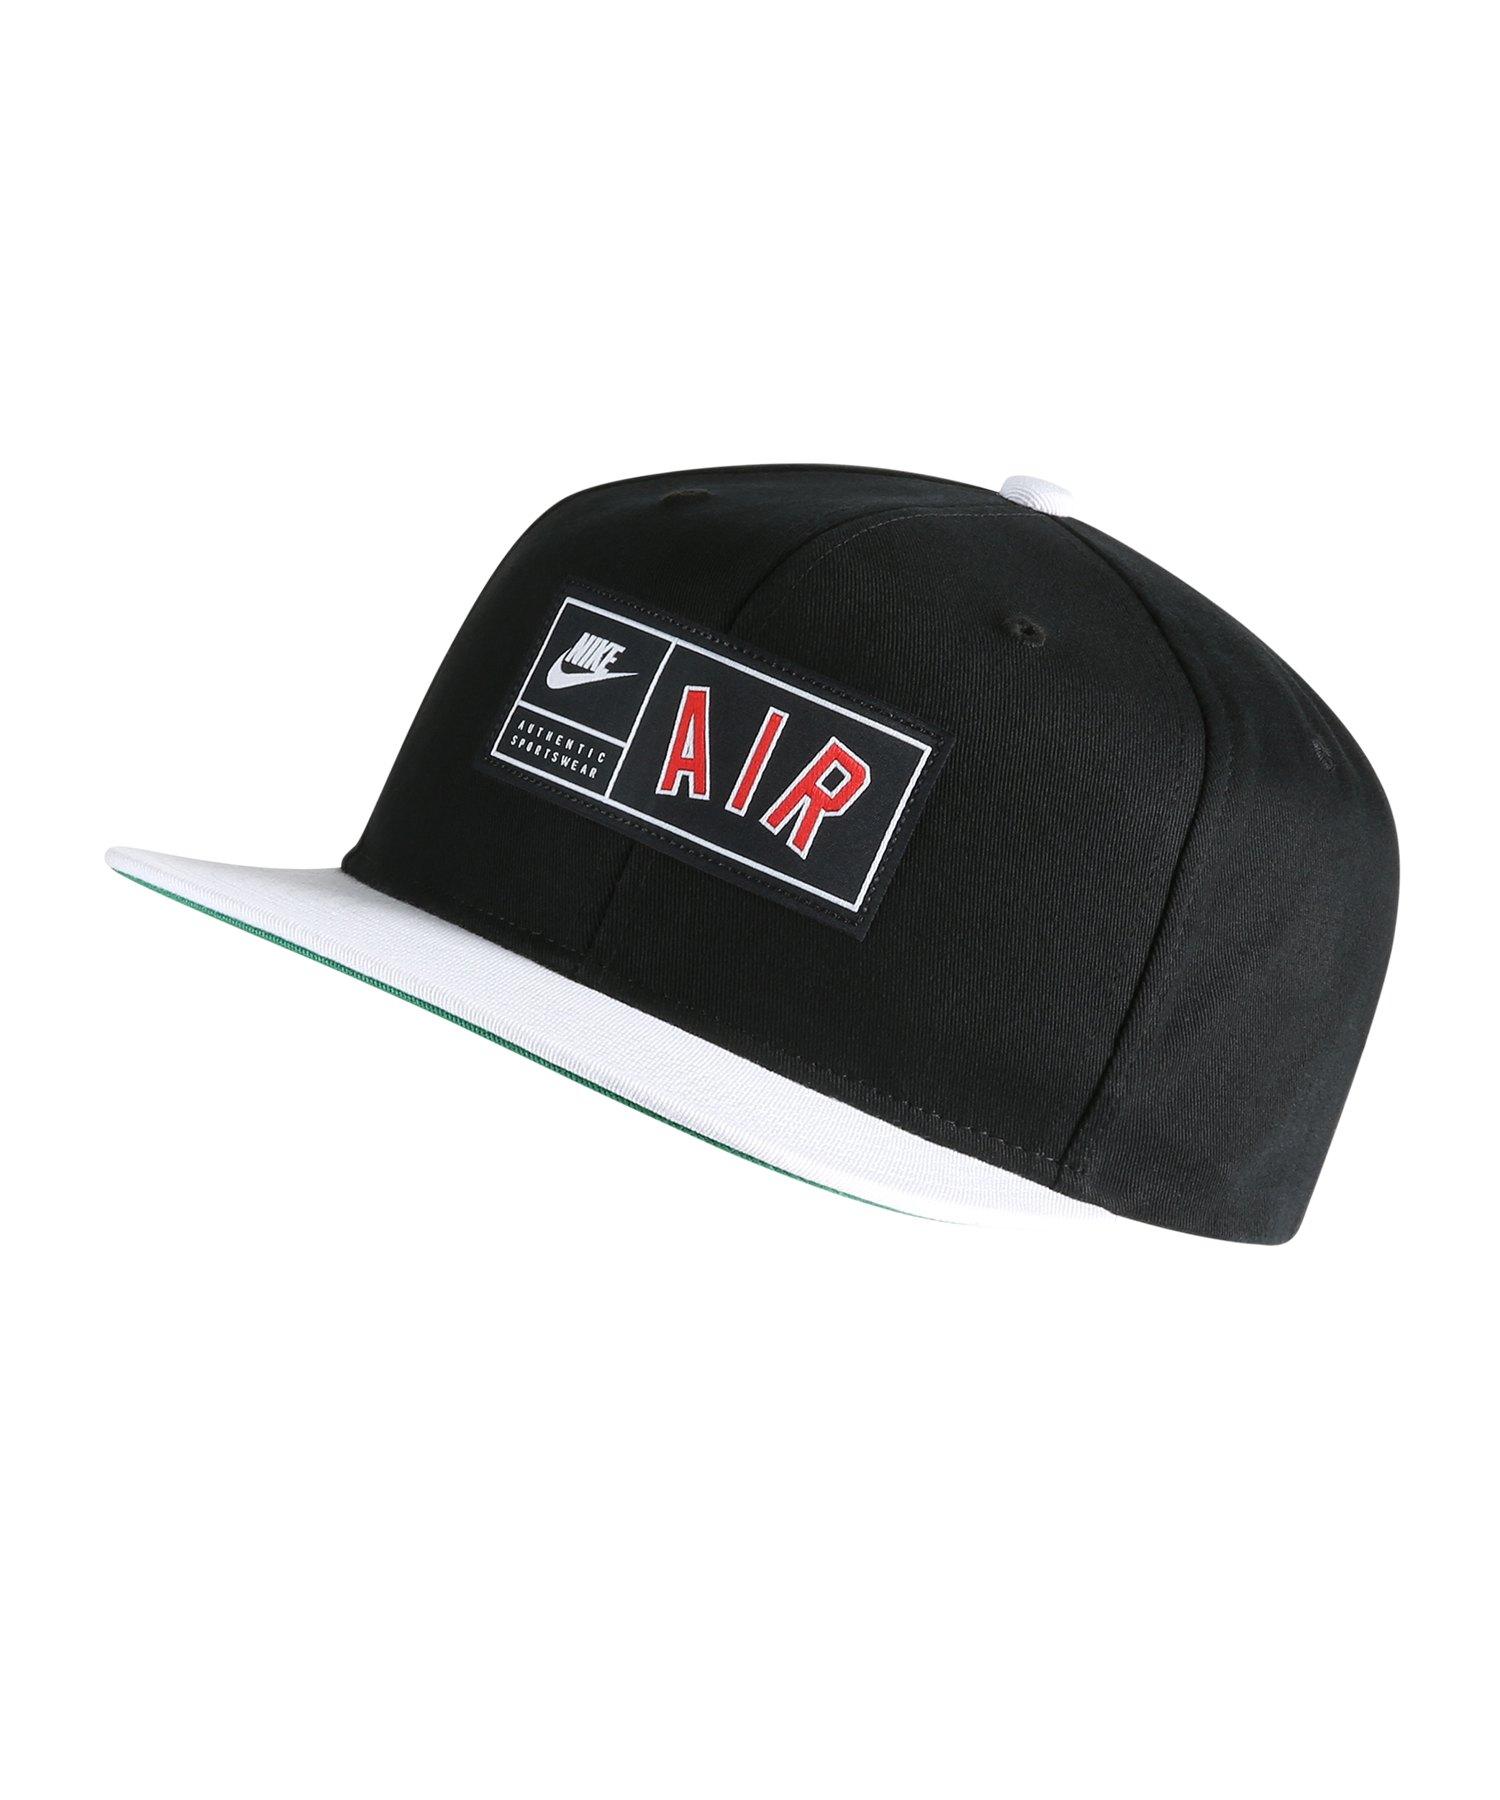 Nike Air Pro Cap Schwarz F010 - schwarz